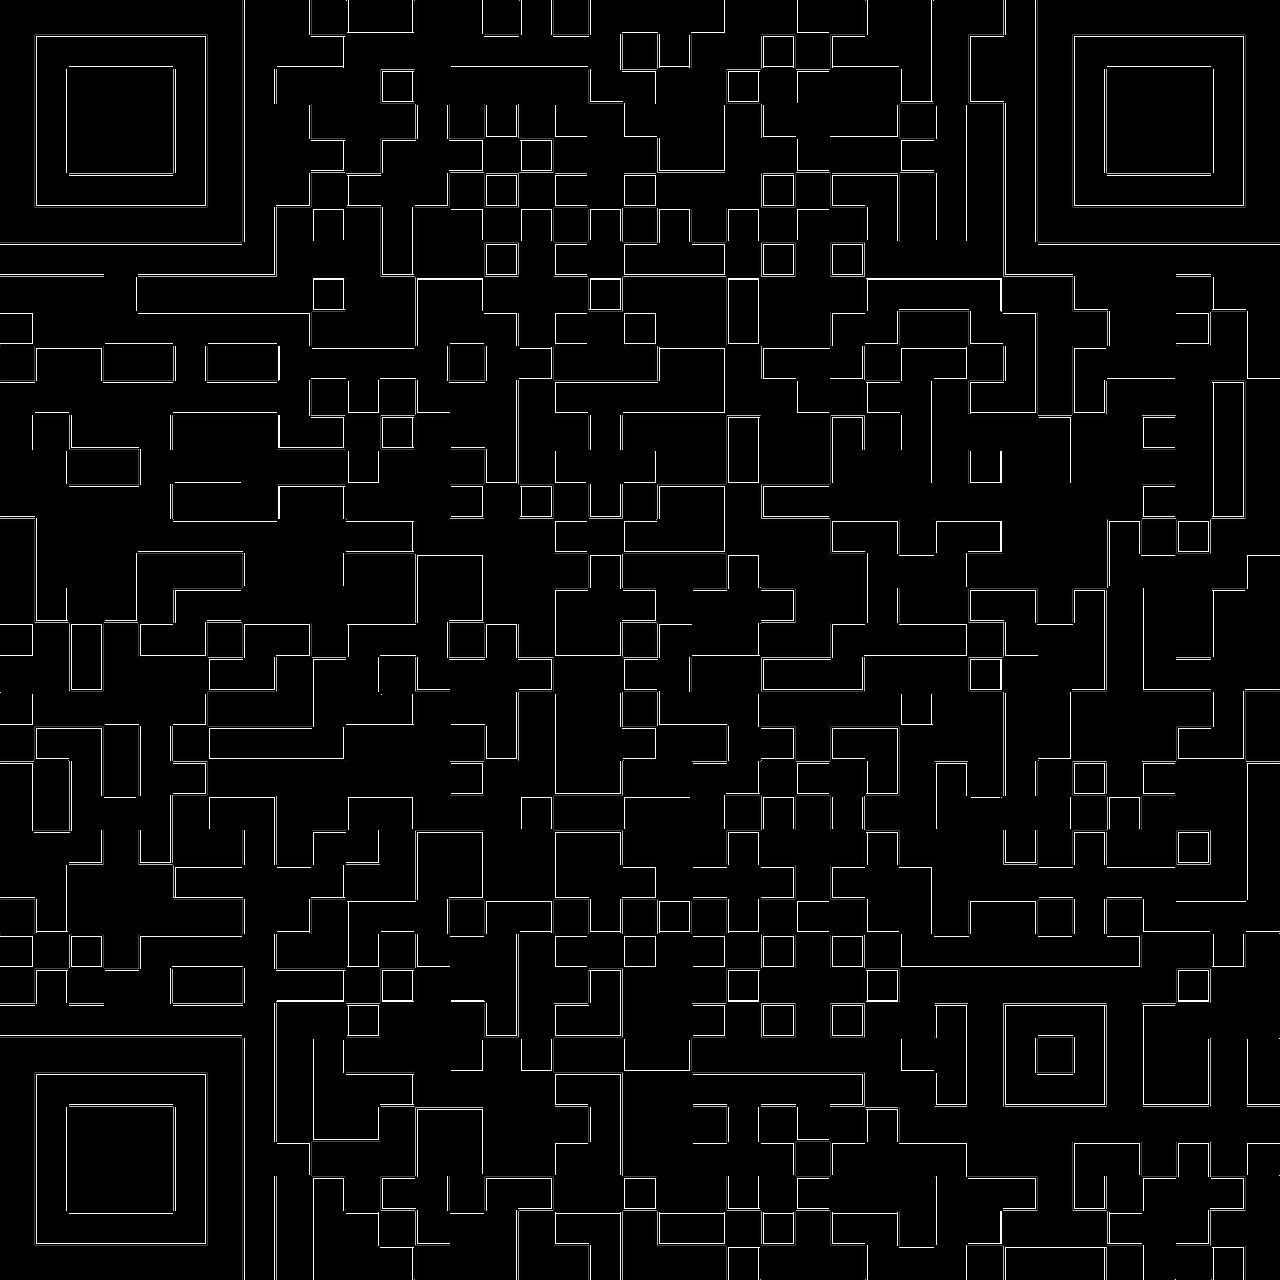 Qr Code Snelle Reactiecode Matrix - Gratis vectorafbeelding op Pixabay